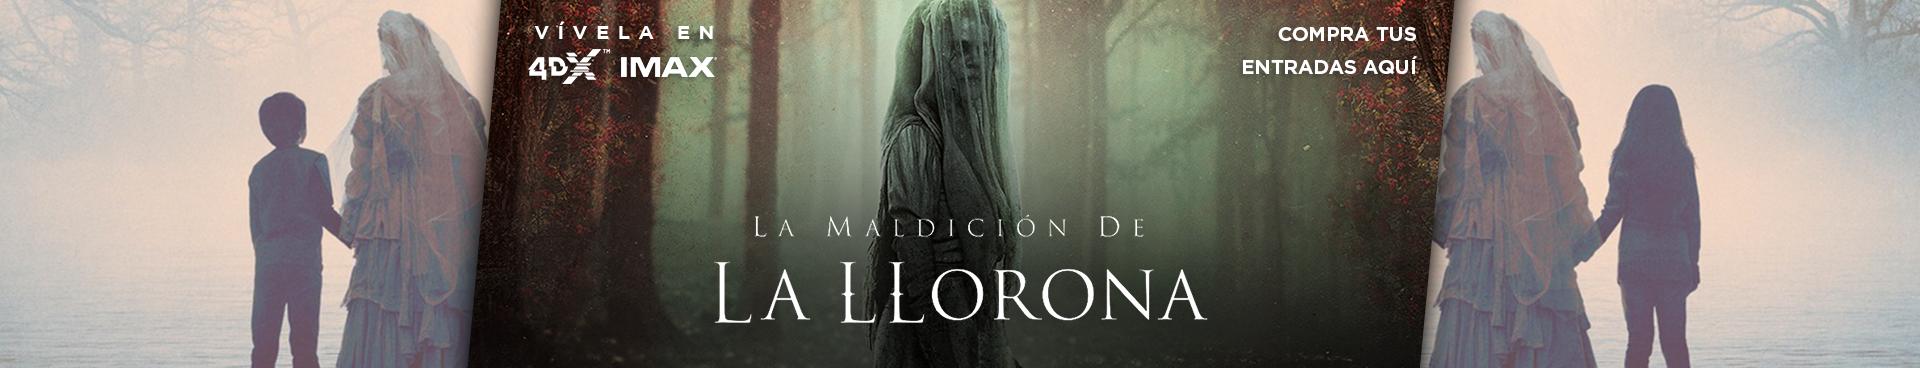 """LA MALDICIÓN DE LA LLORONA """", VIVELA EN IMAX Y 4DX, COMPRA TU ENTRADA AQUÍ"""